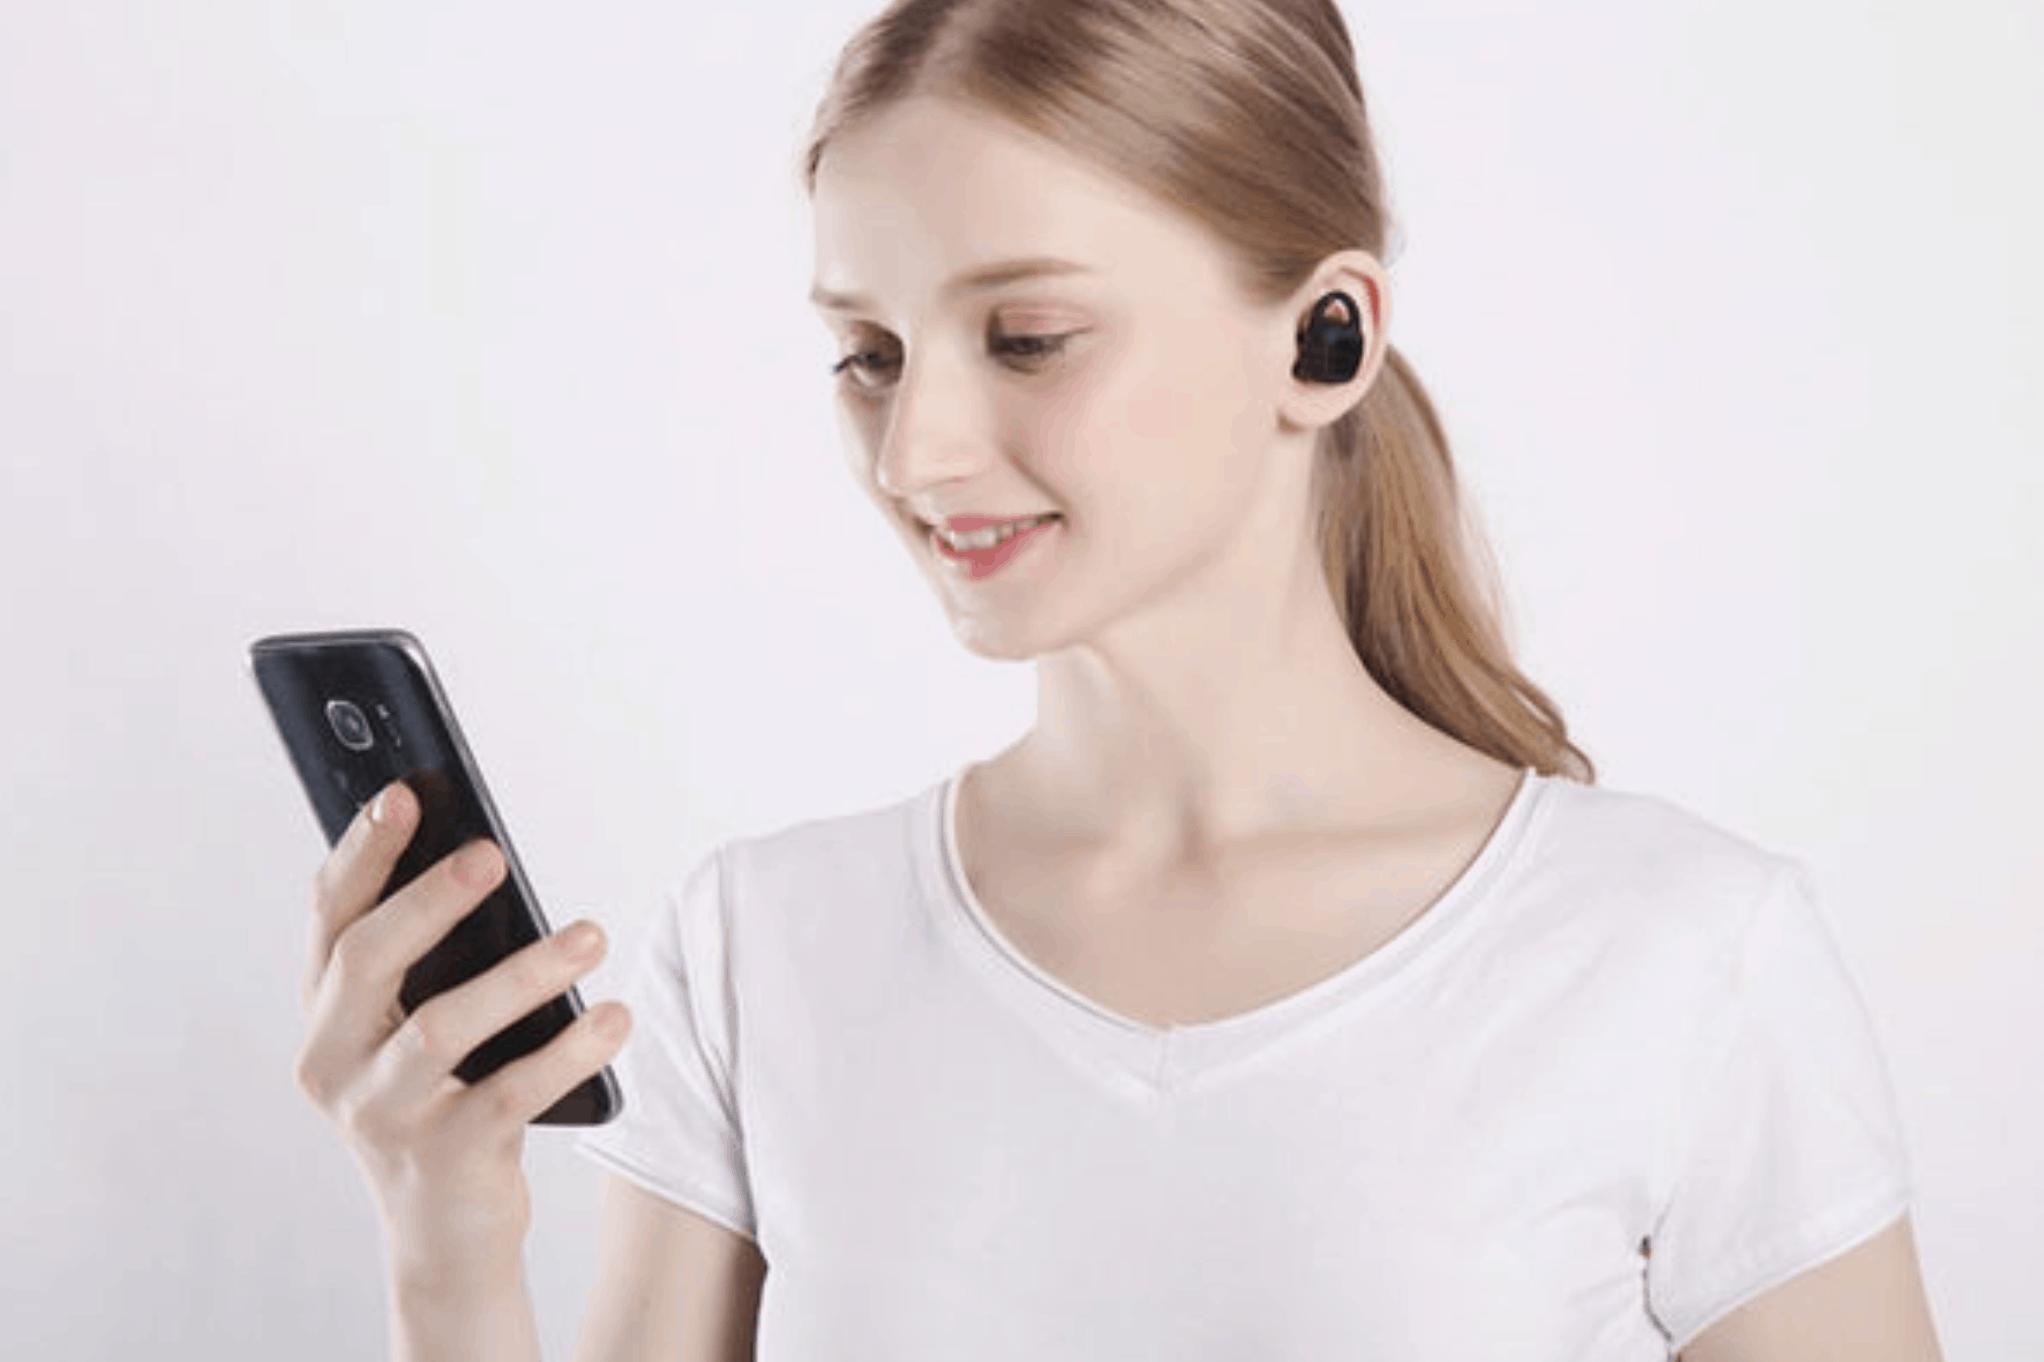 xFyro ARIA True Wireless Bluetooth Earbuds